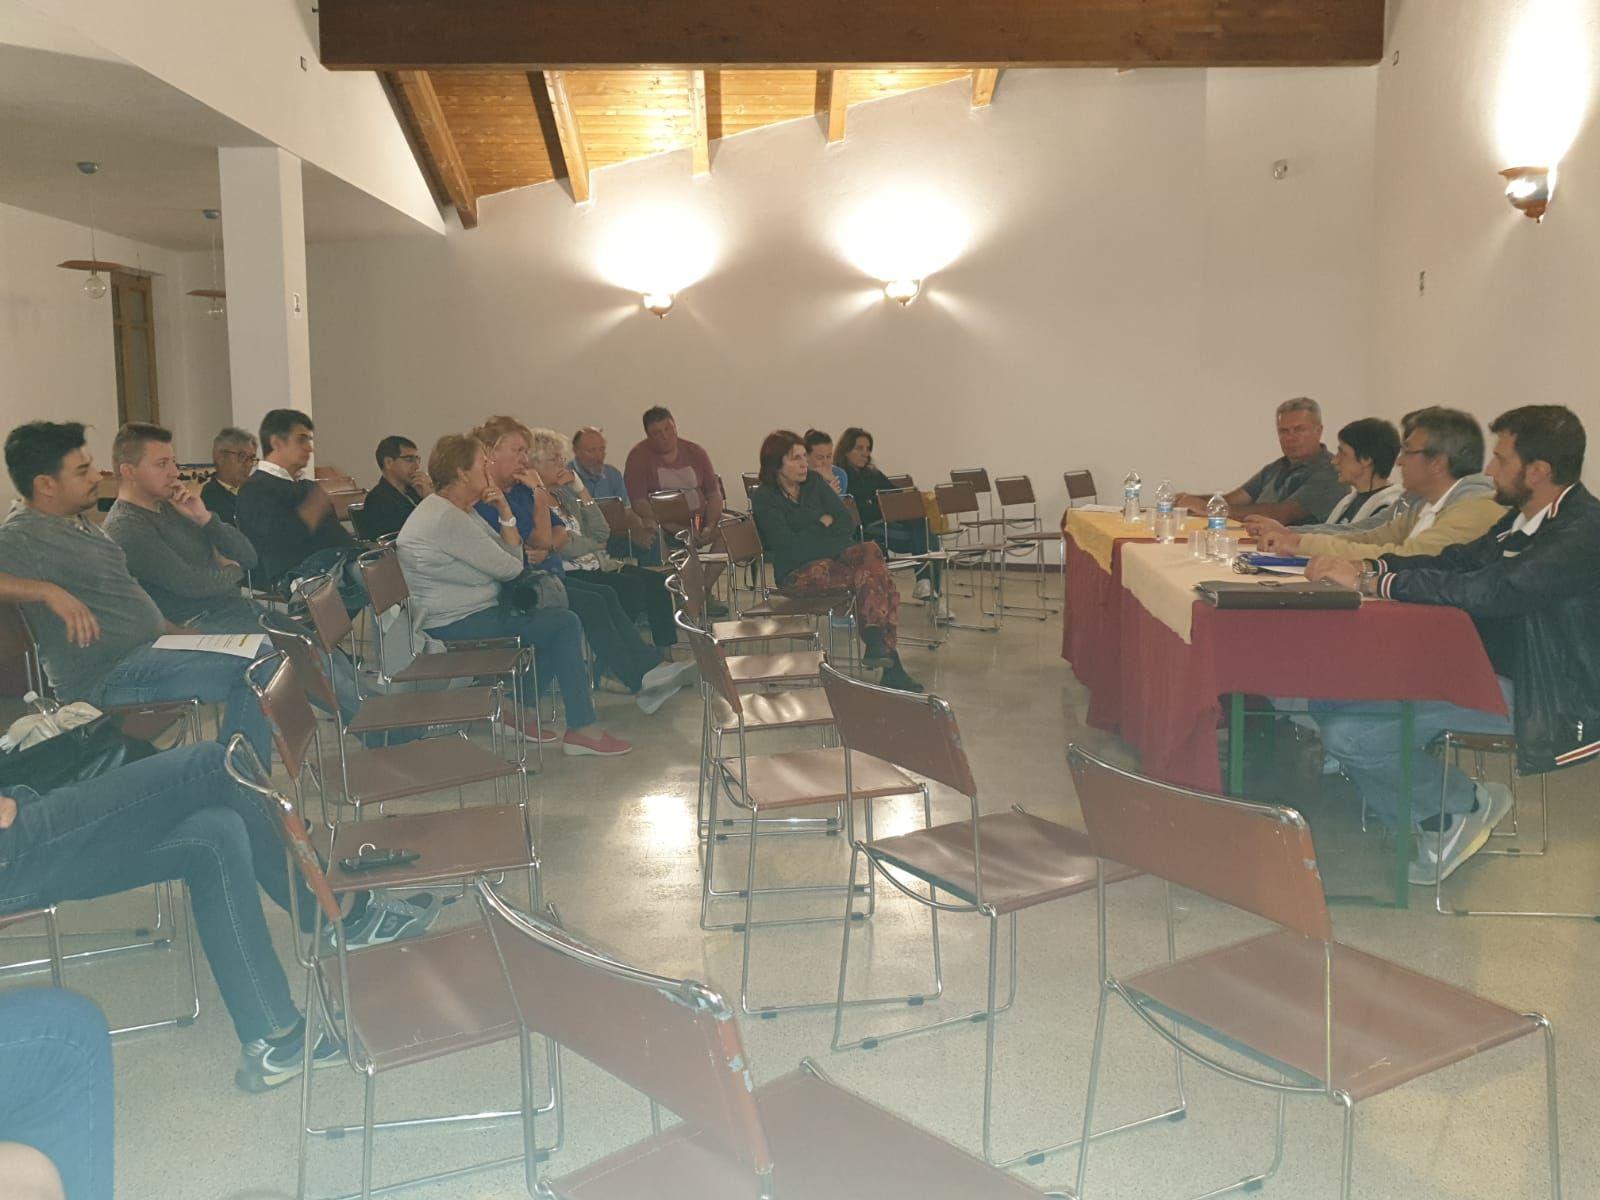 CASTELLAMONTE - A Sant'Anna Boschi confronto tra cittadini e amministrazione